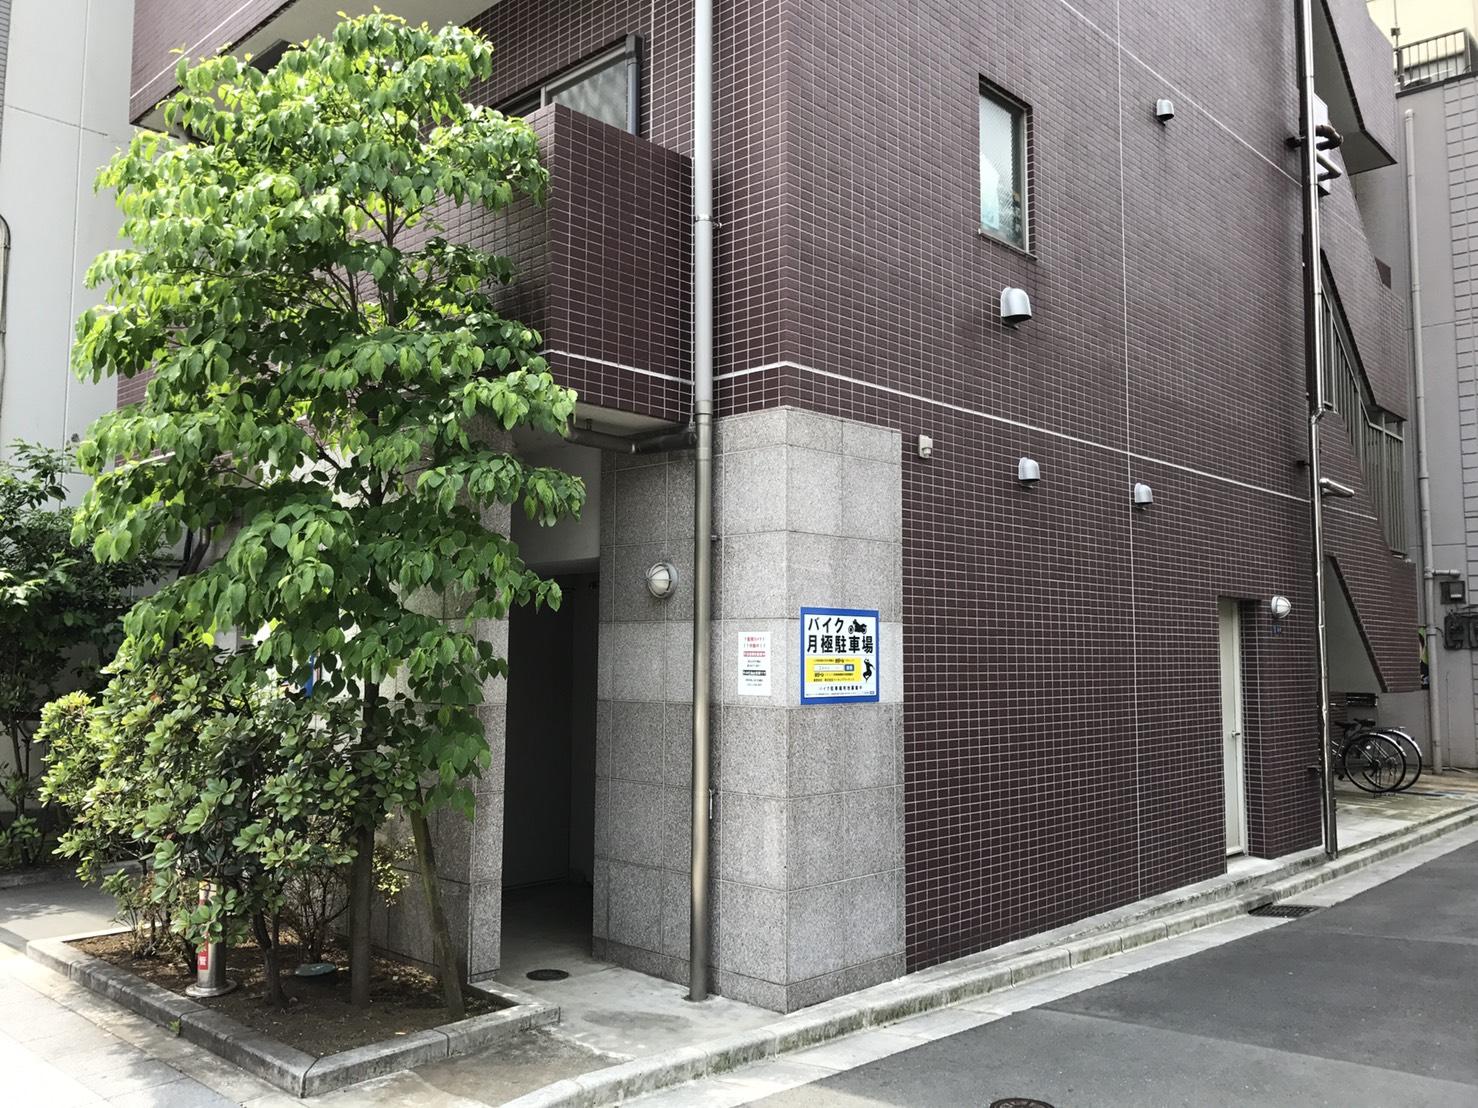 月極駐車場 プレステージ錦糸町の写真1